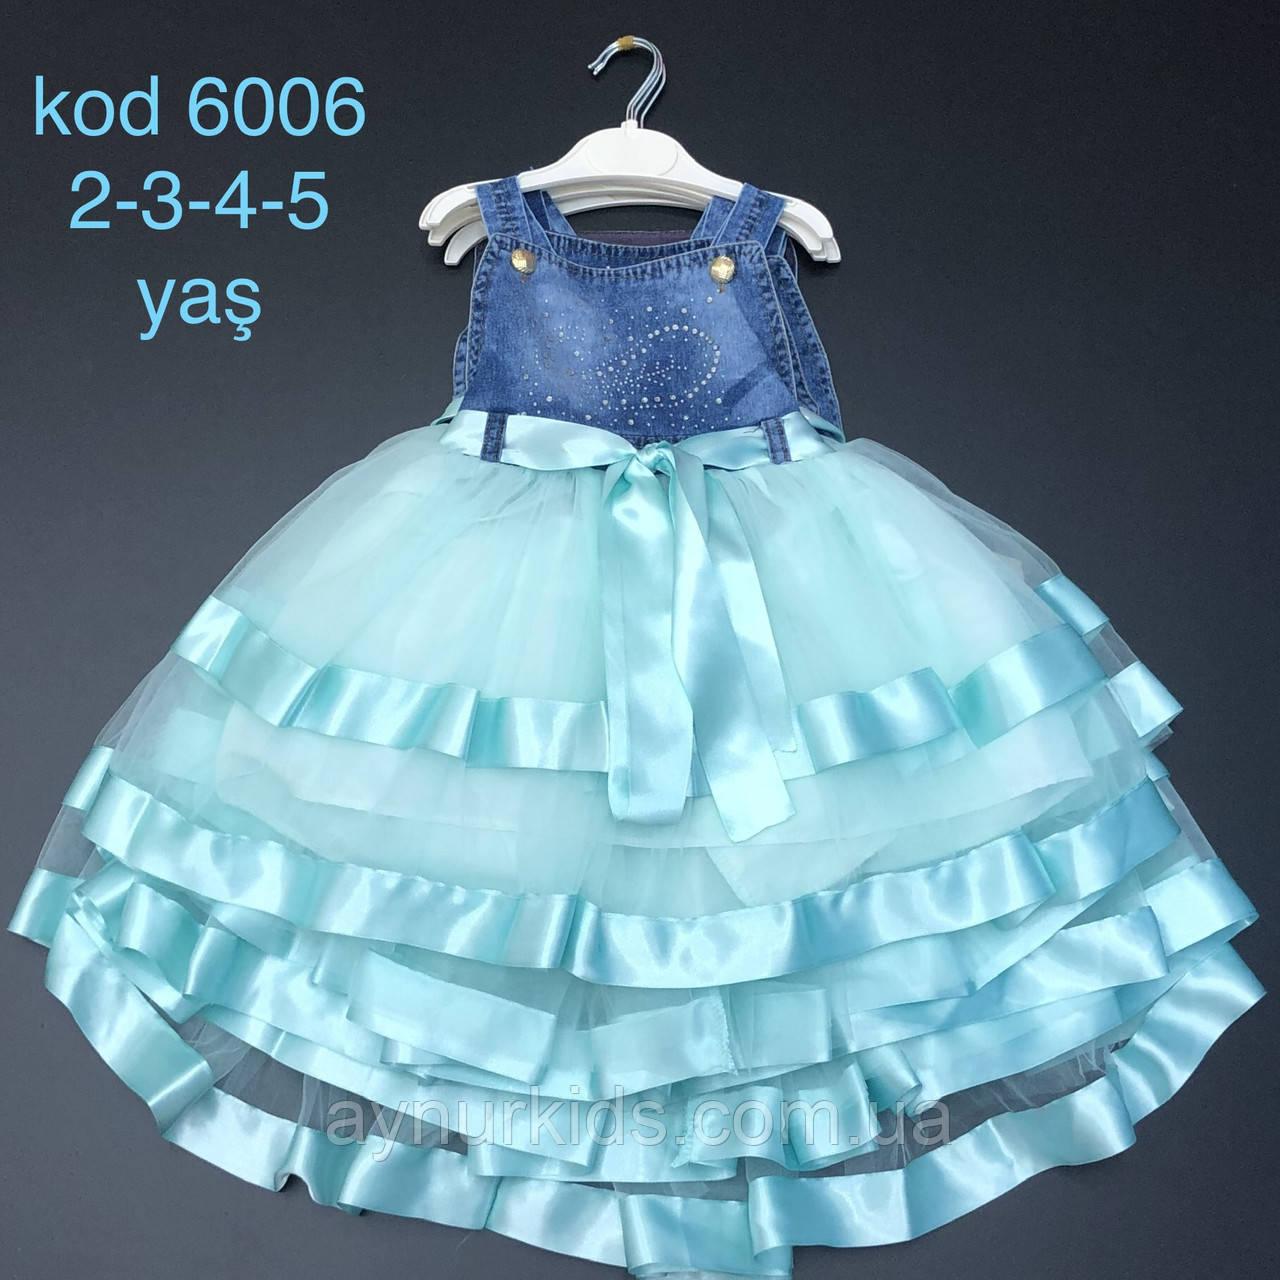 Пышное платье-сарафан 2-3-4-5 лет